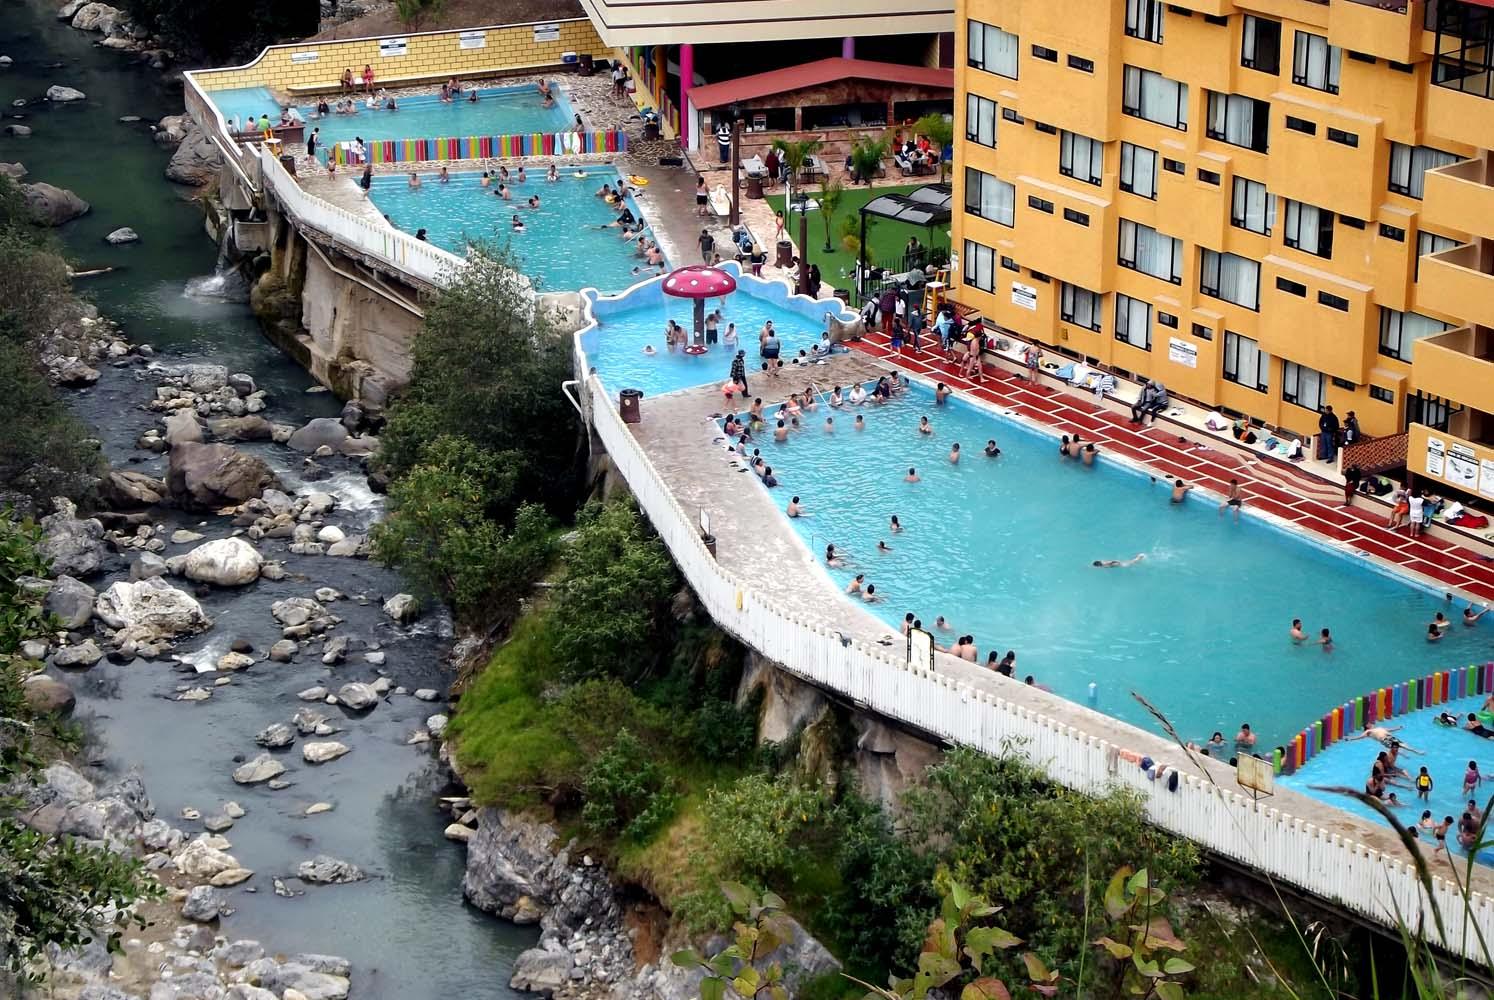 Personas disfrutando de las aguas termales en Chignahuapan